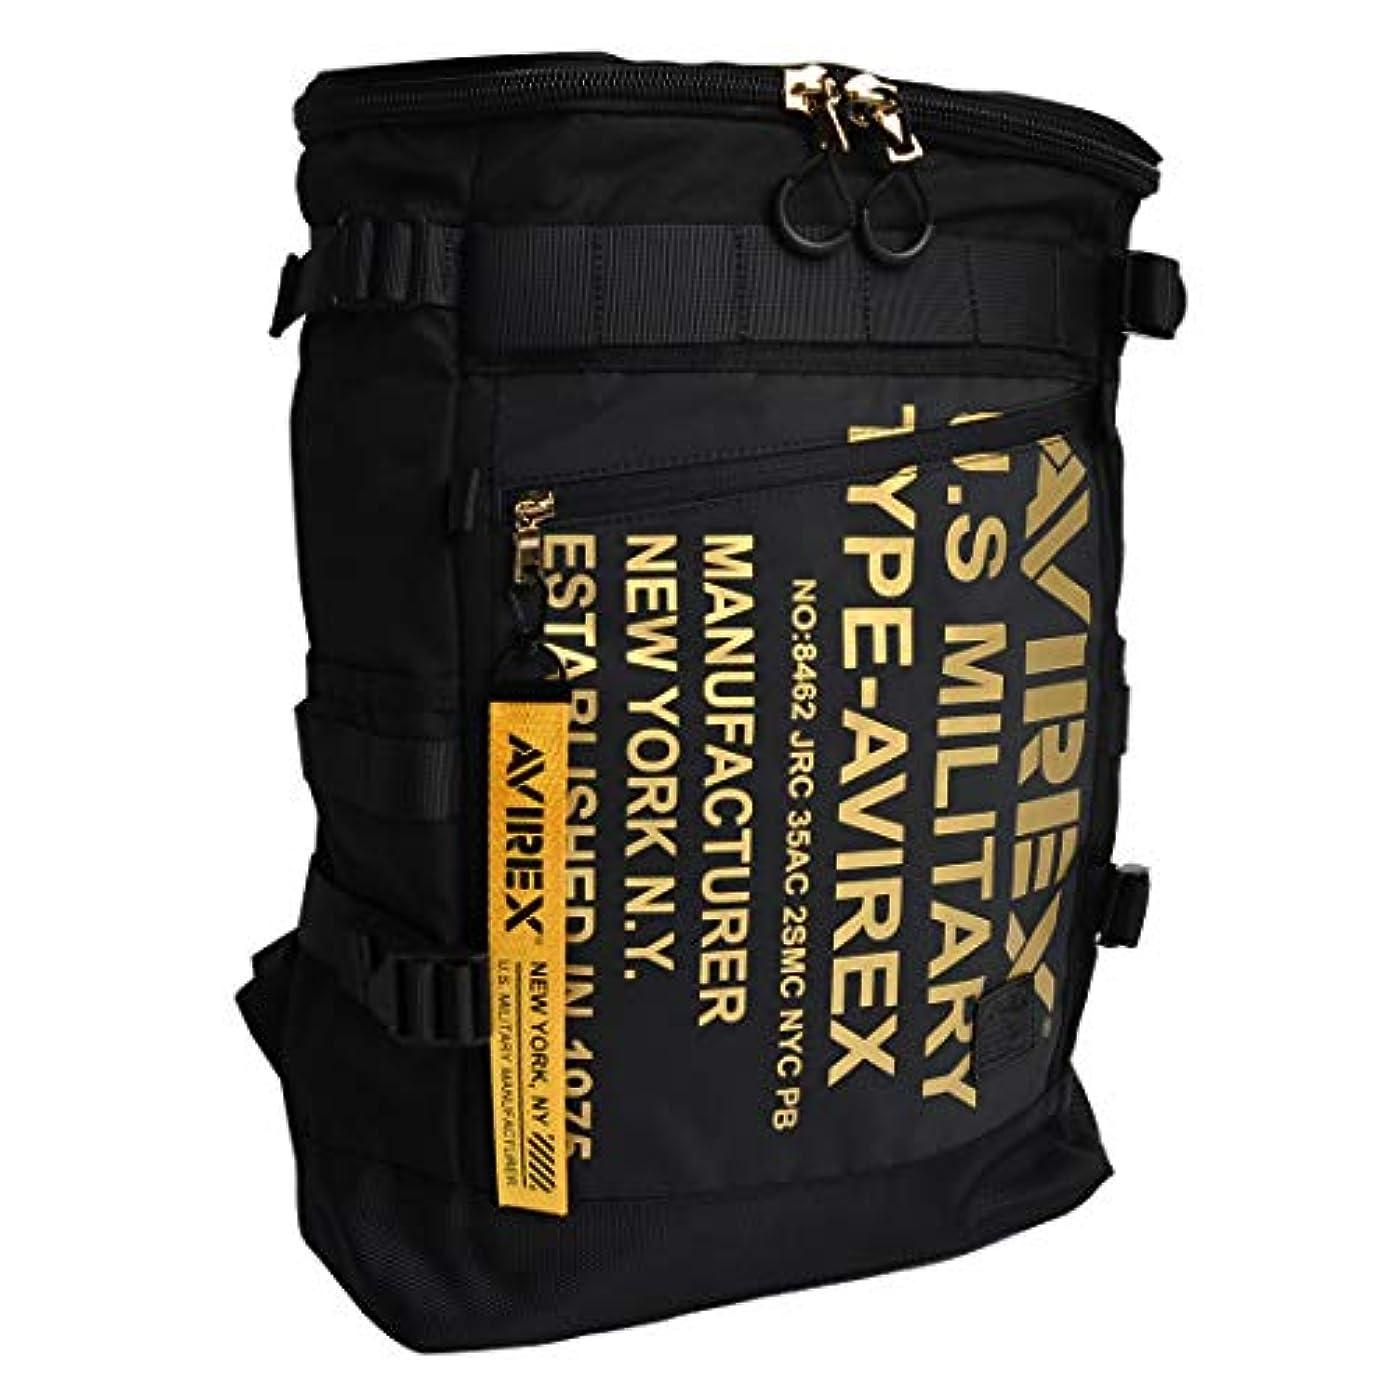 構造扇動評判[アヴィレックス] AVIREX リュック メンズ アビレックス 大容量 防水 A4 20L リュックサック デイパック スクエア型 スクエアバッグ バックパック